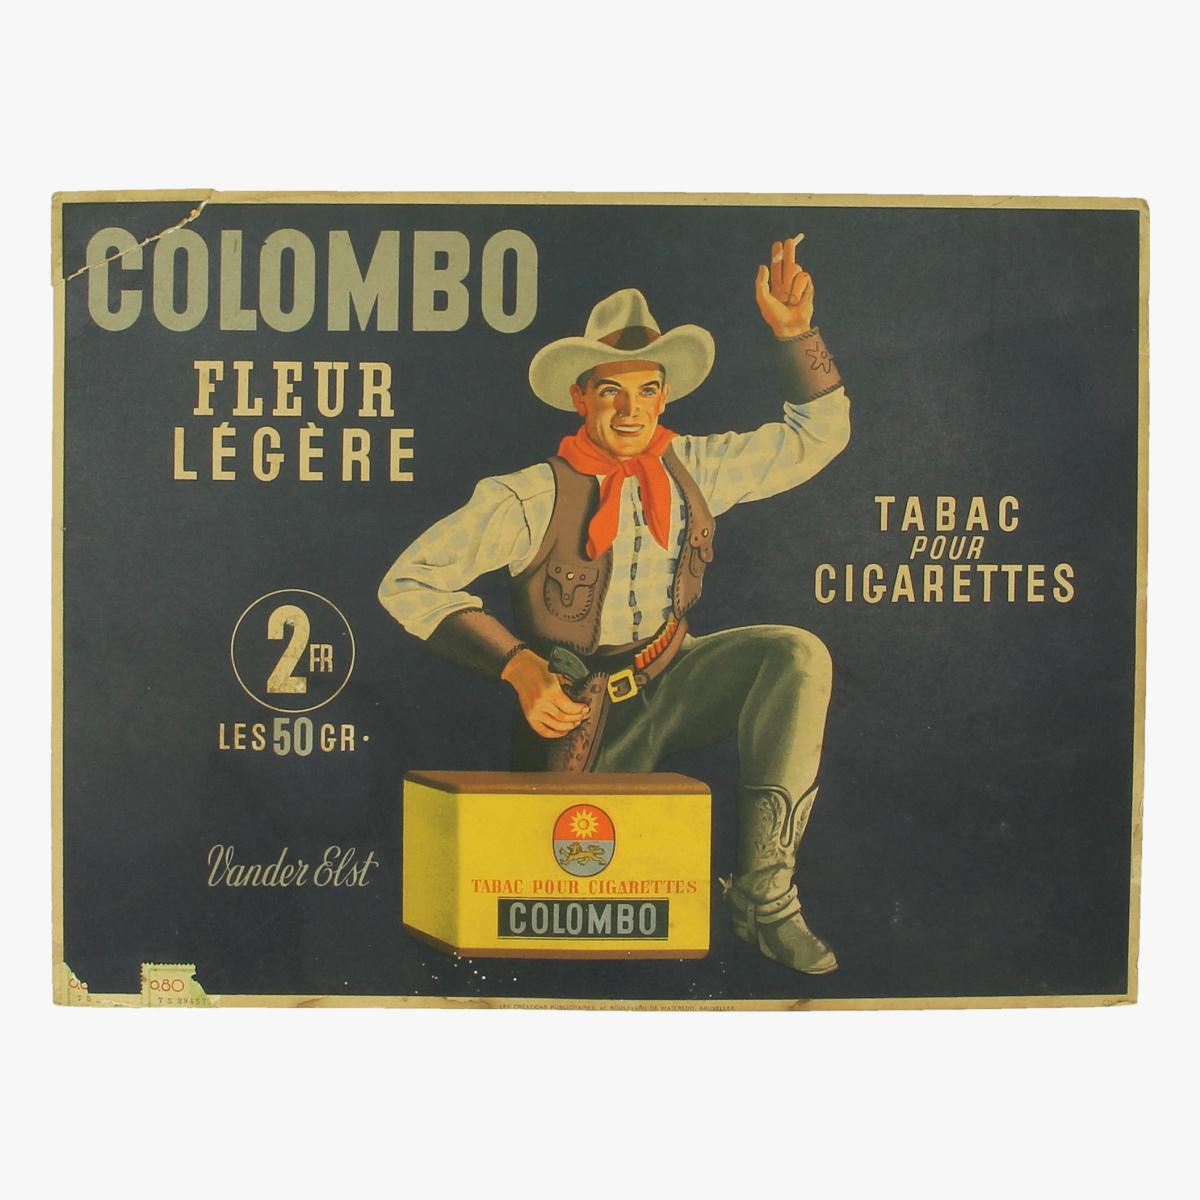 Afbeeldingen van Kartonnen Pancarte Colombo Cigarettes